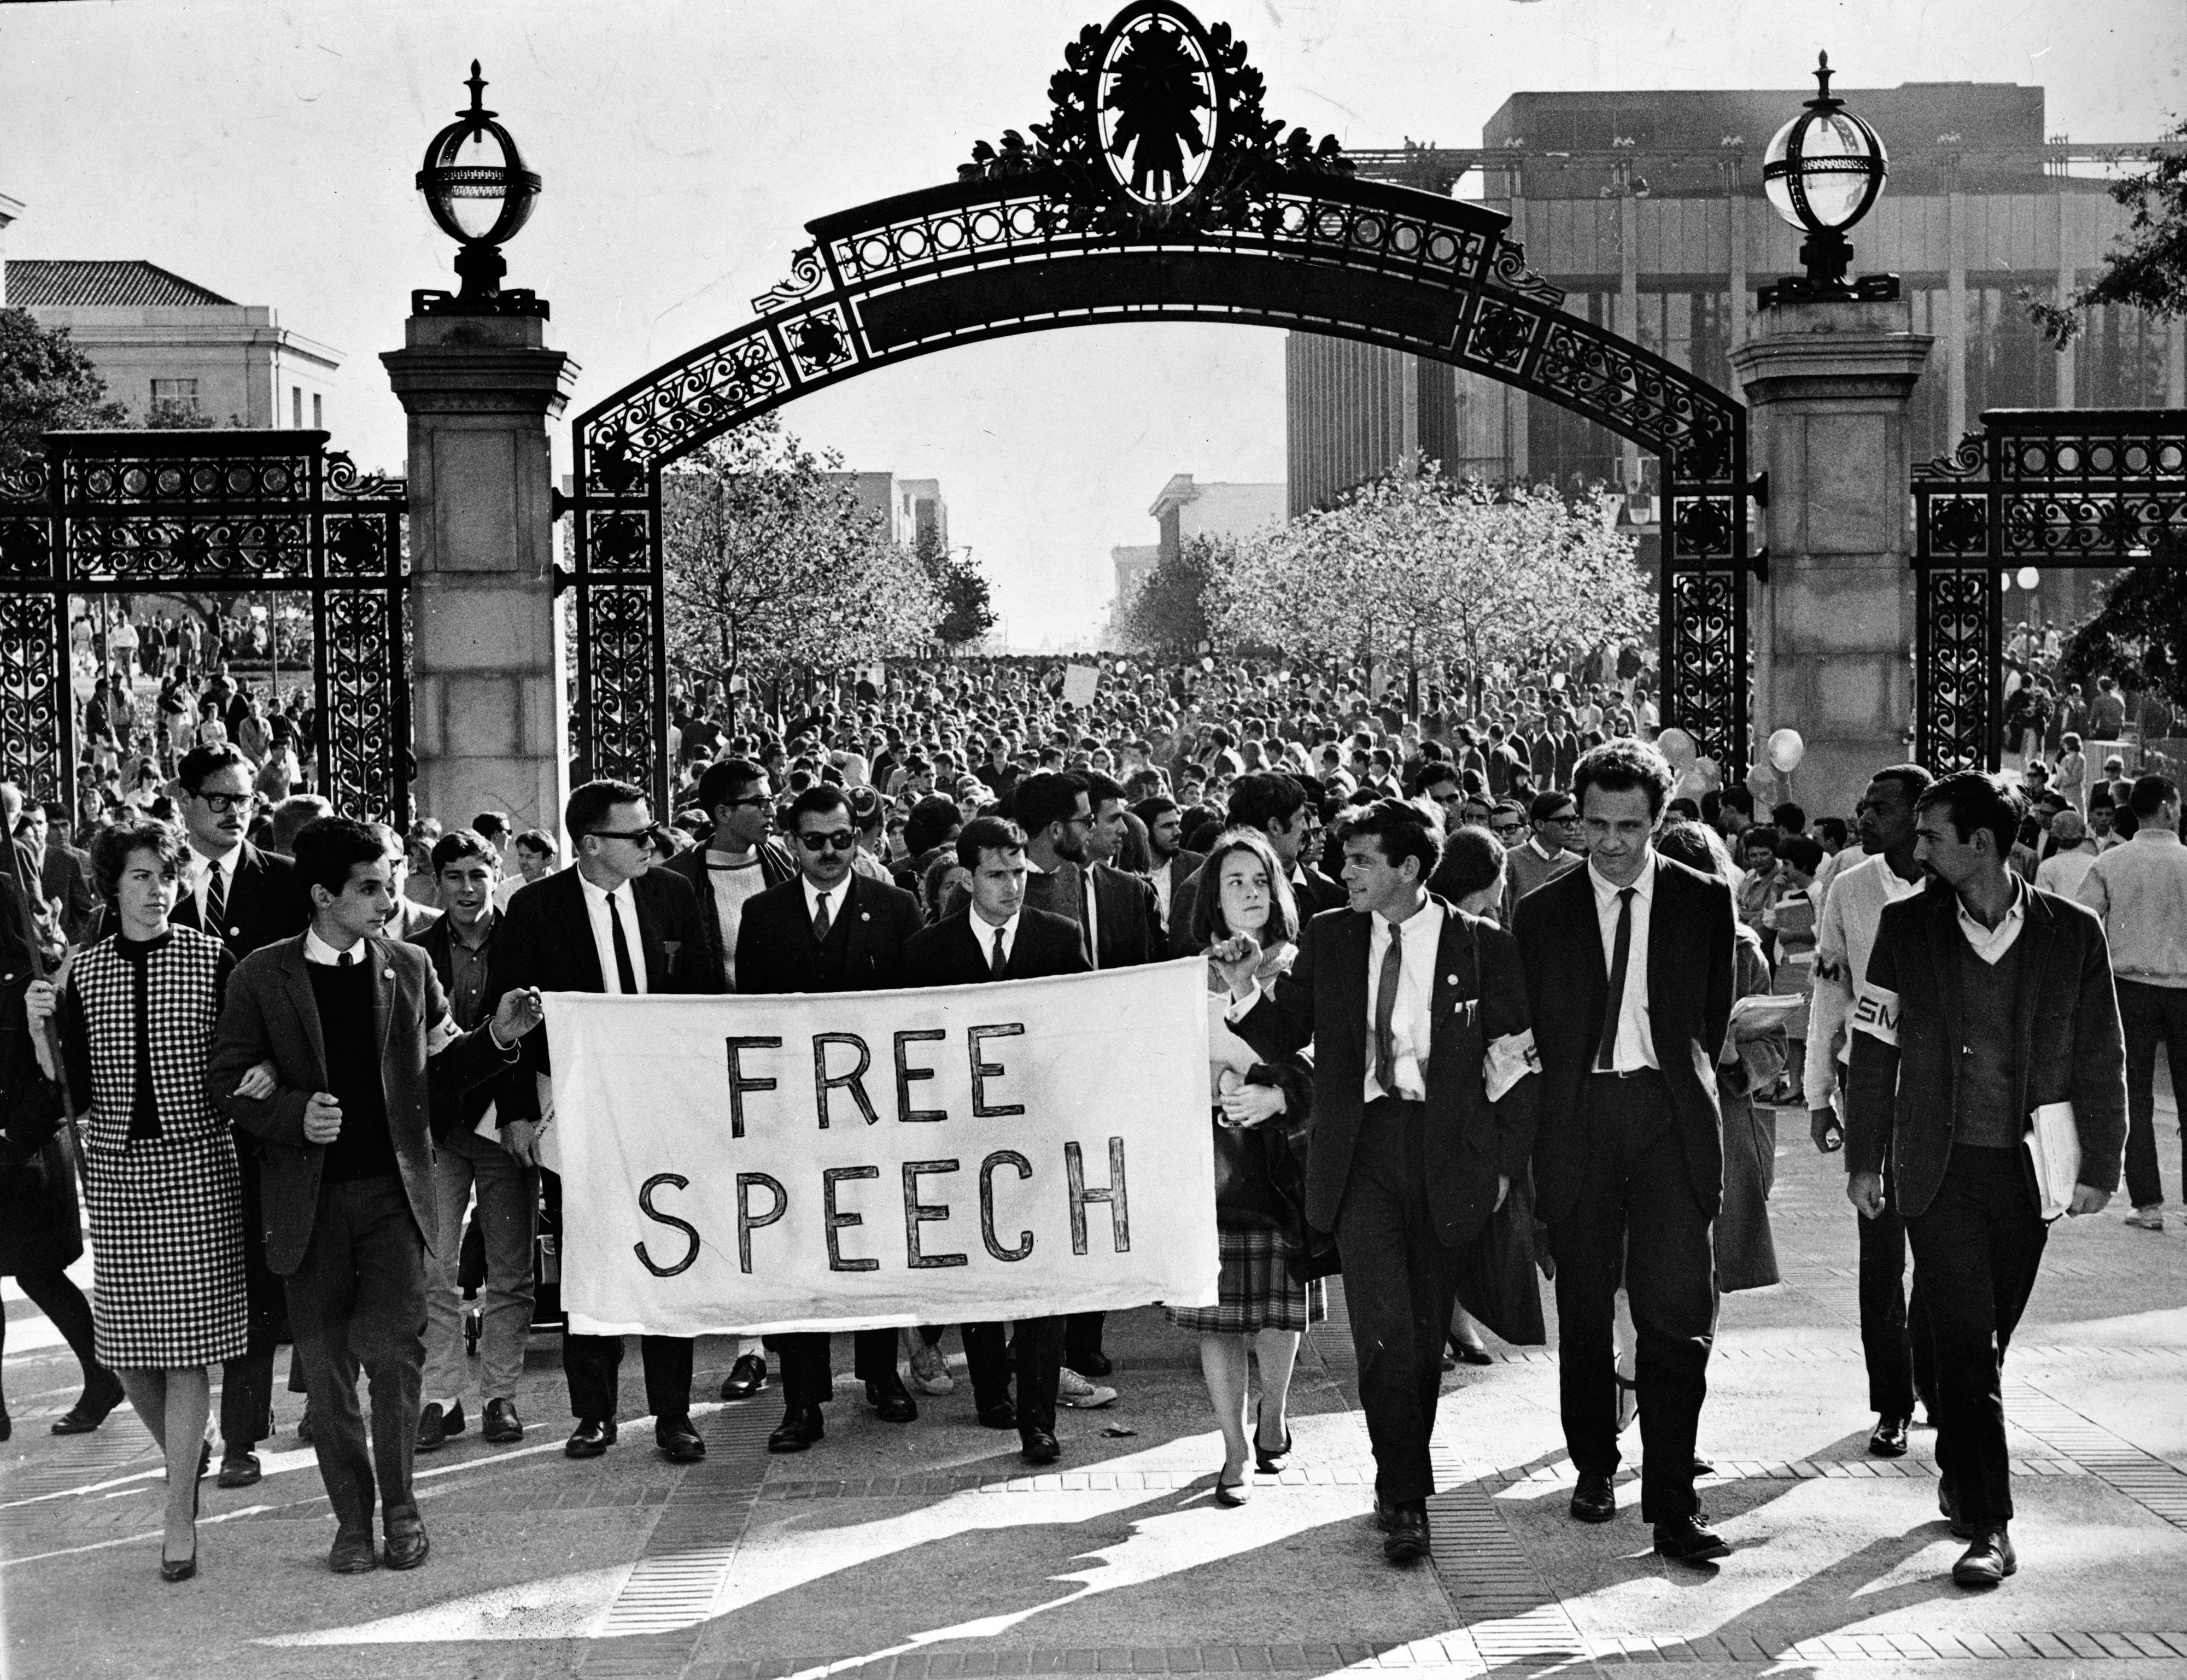 Mario Savio, leader du mouvement pour la liberté d'expression et un groupe de manifestants se dirigeant vers l'université de Berkeley en Californie, 20 novembre 1964 © Chris Kjobech - Collection du Oakland Museum of California / The Oakland Tribune Collection